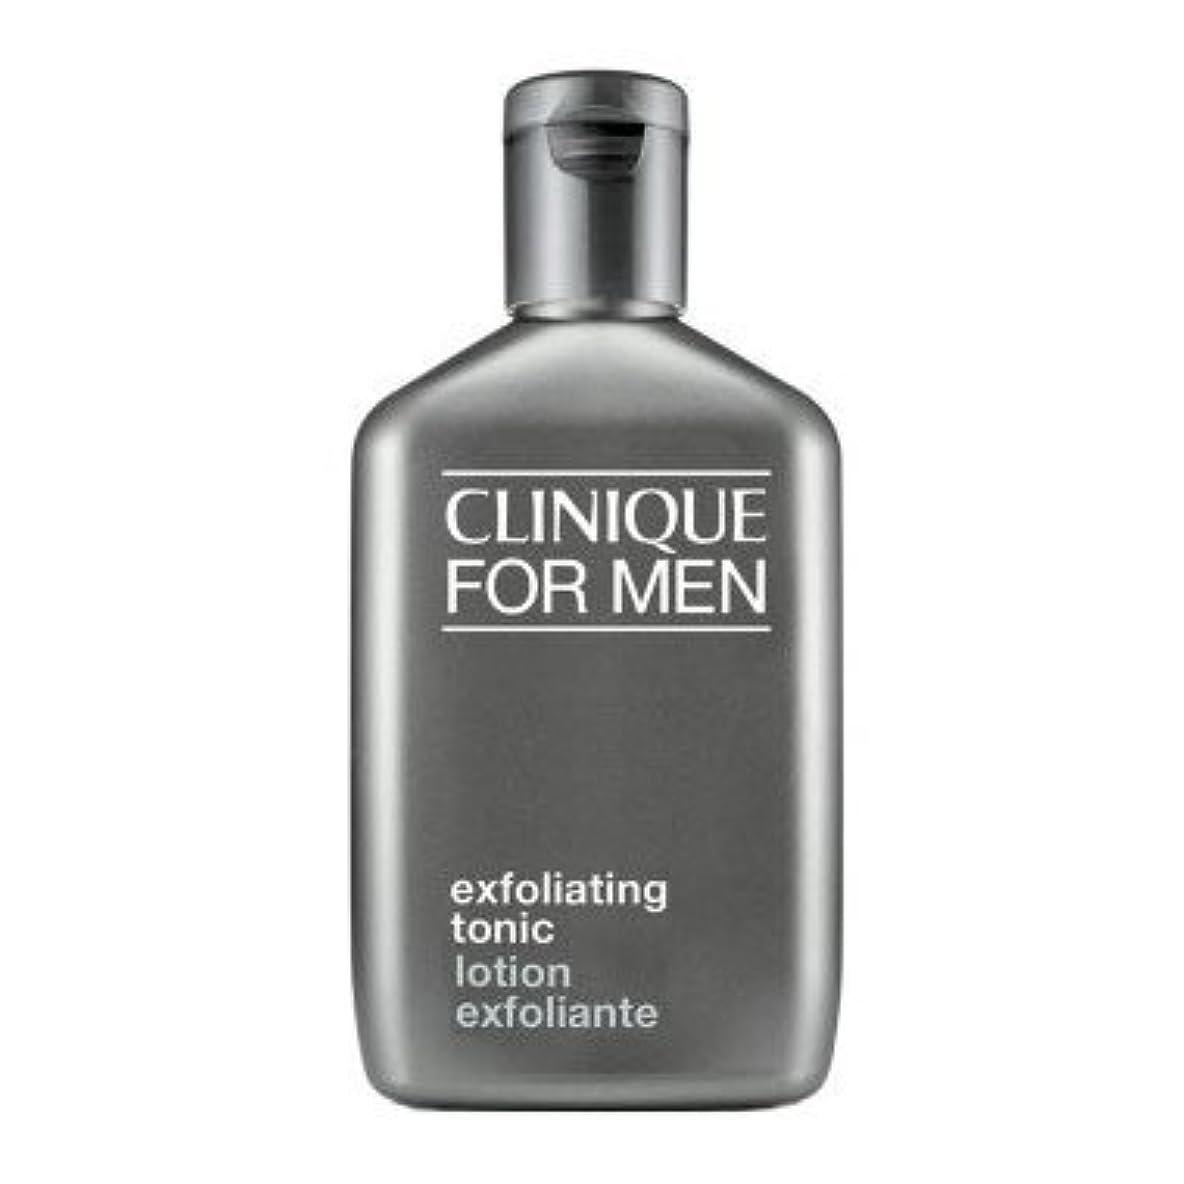 下る火扇動するクリニークフォーメン(CLINIQUE FOR MEN) エクスフォリエーティング トニック 200ml[並行輸入品]